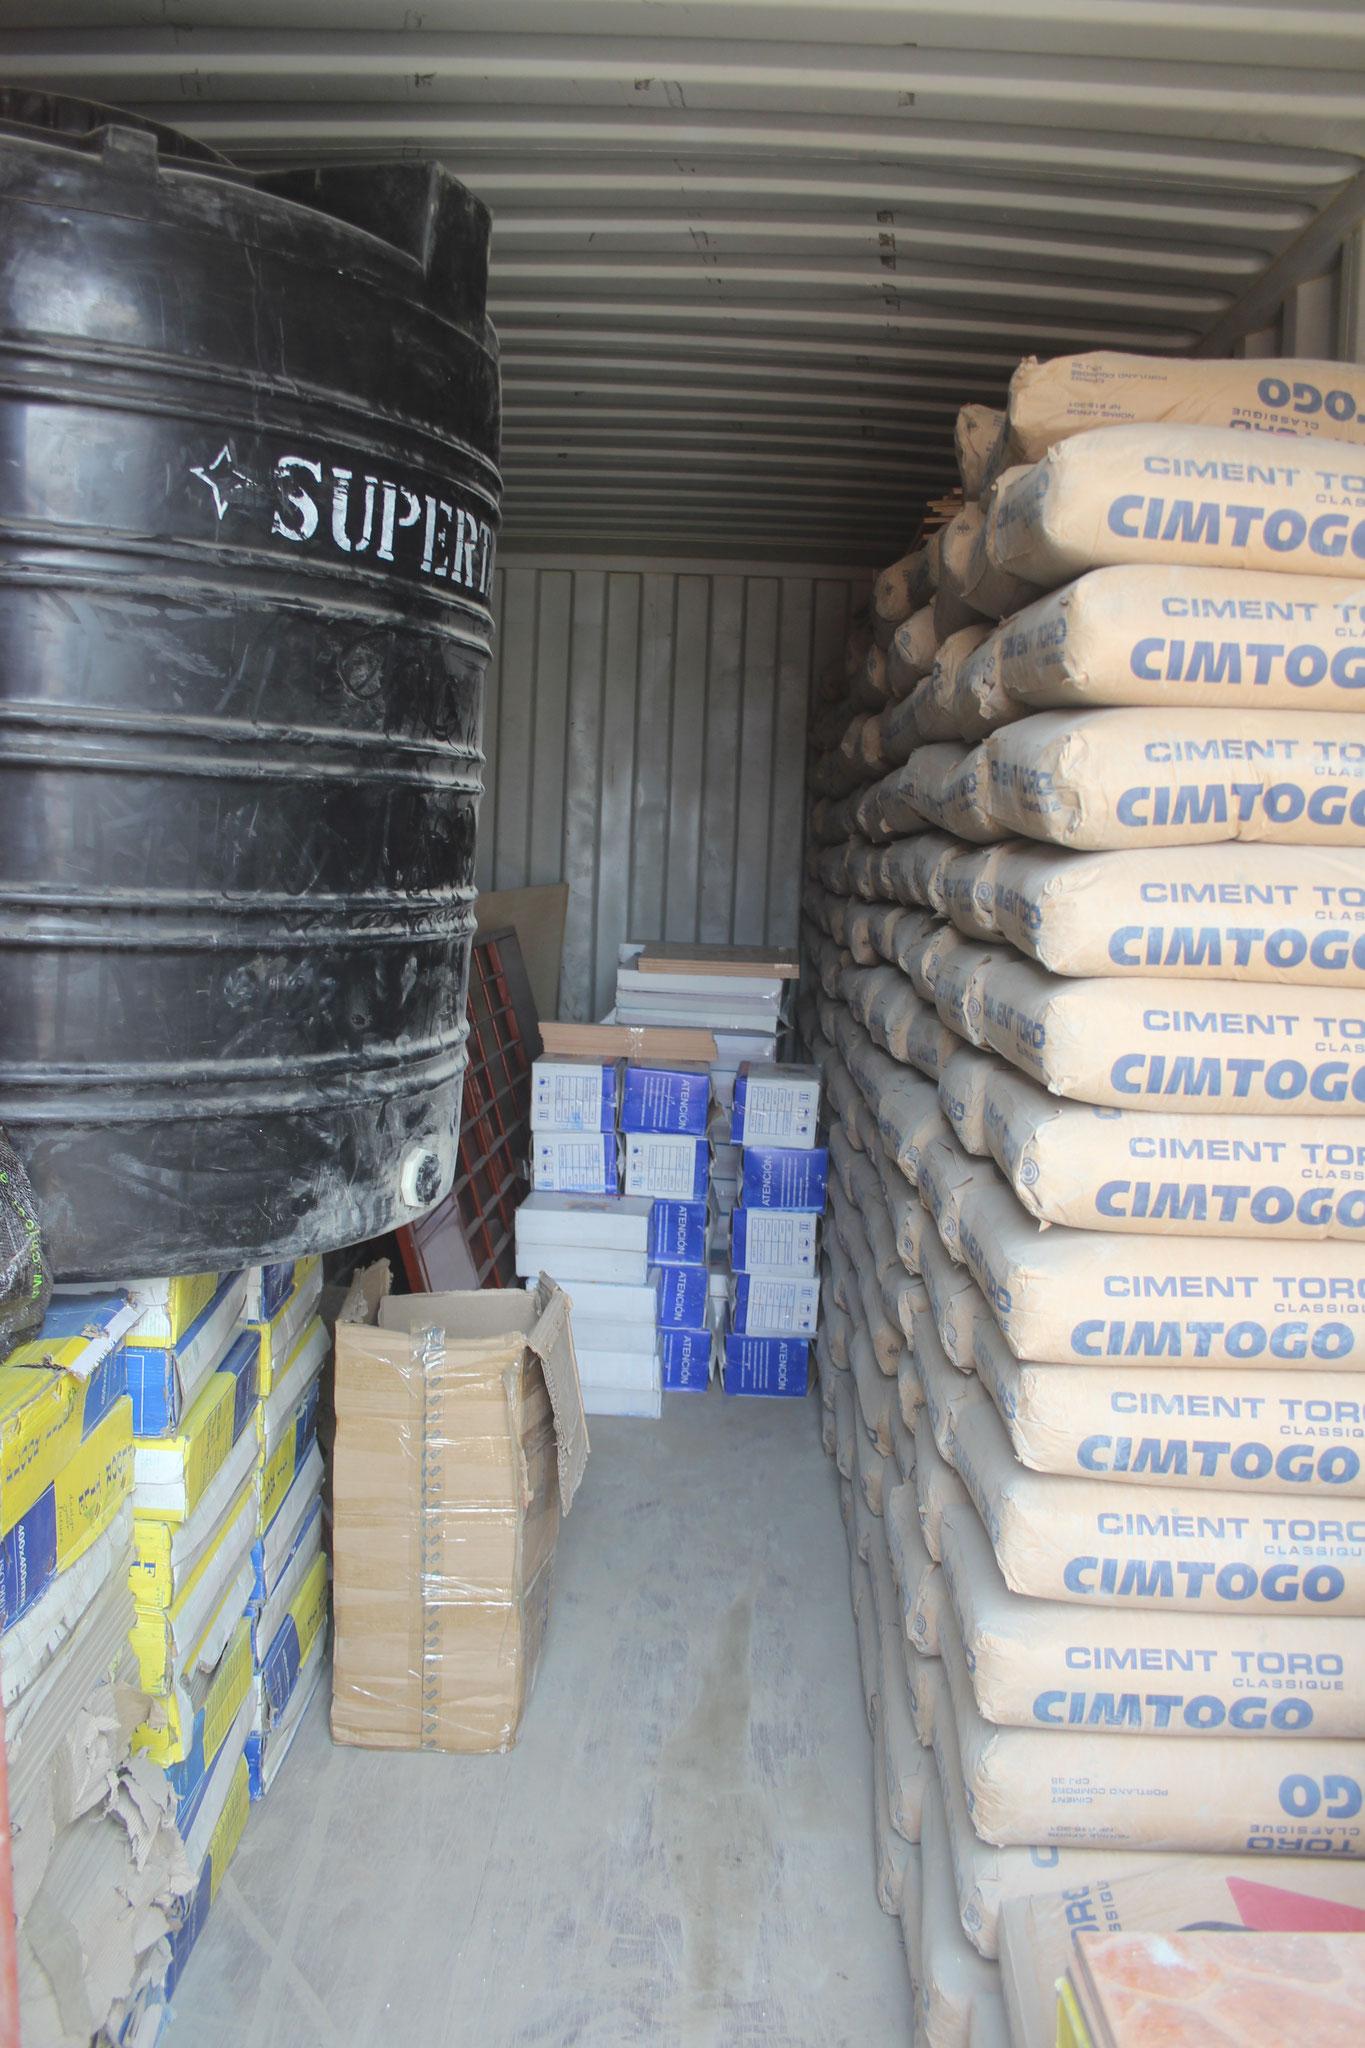 Nun wird der Container als Baucontainer genutzt